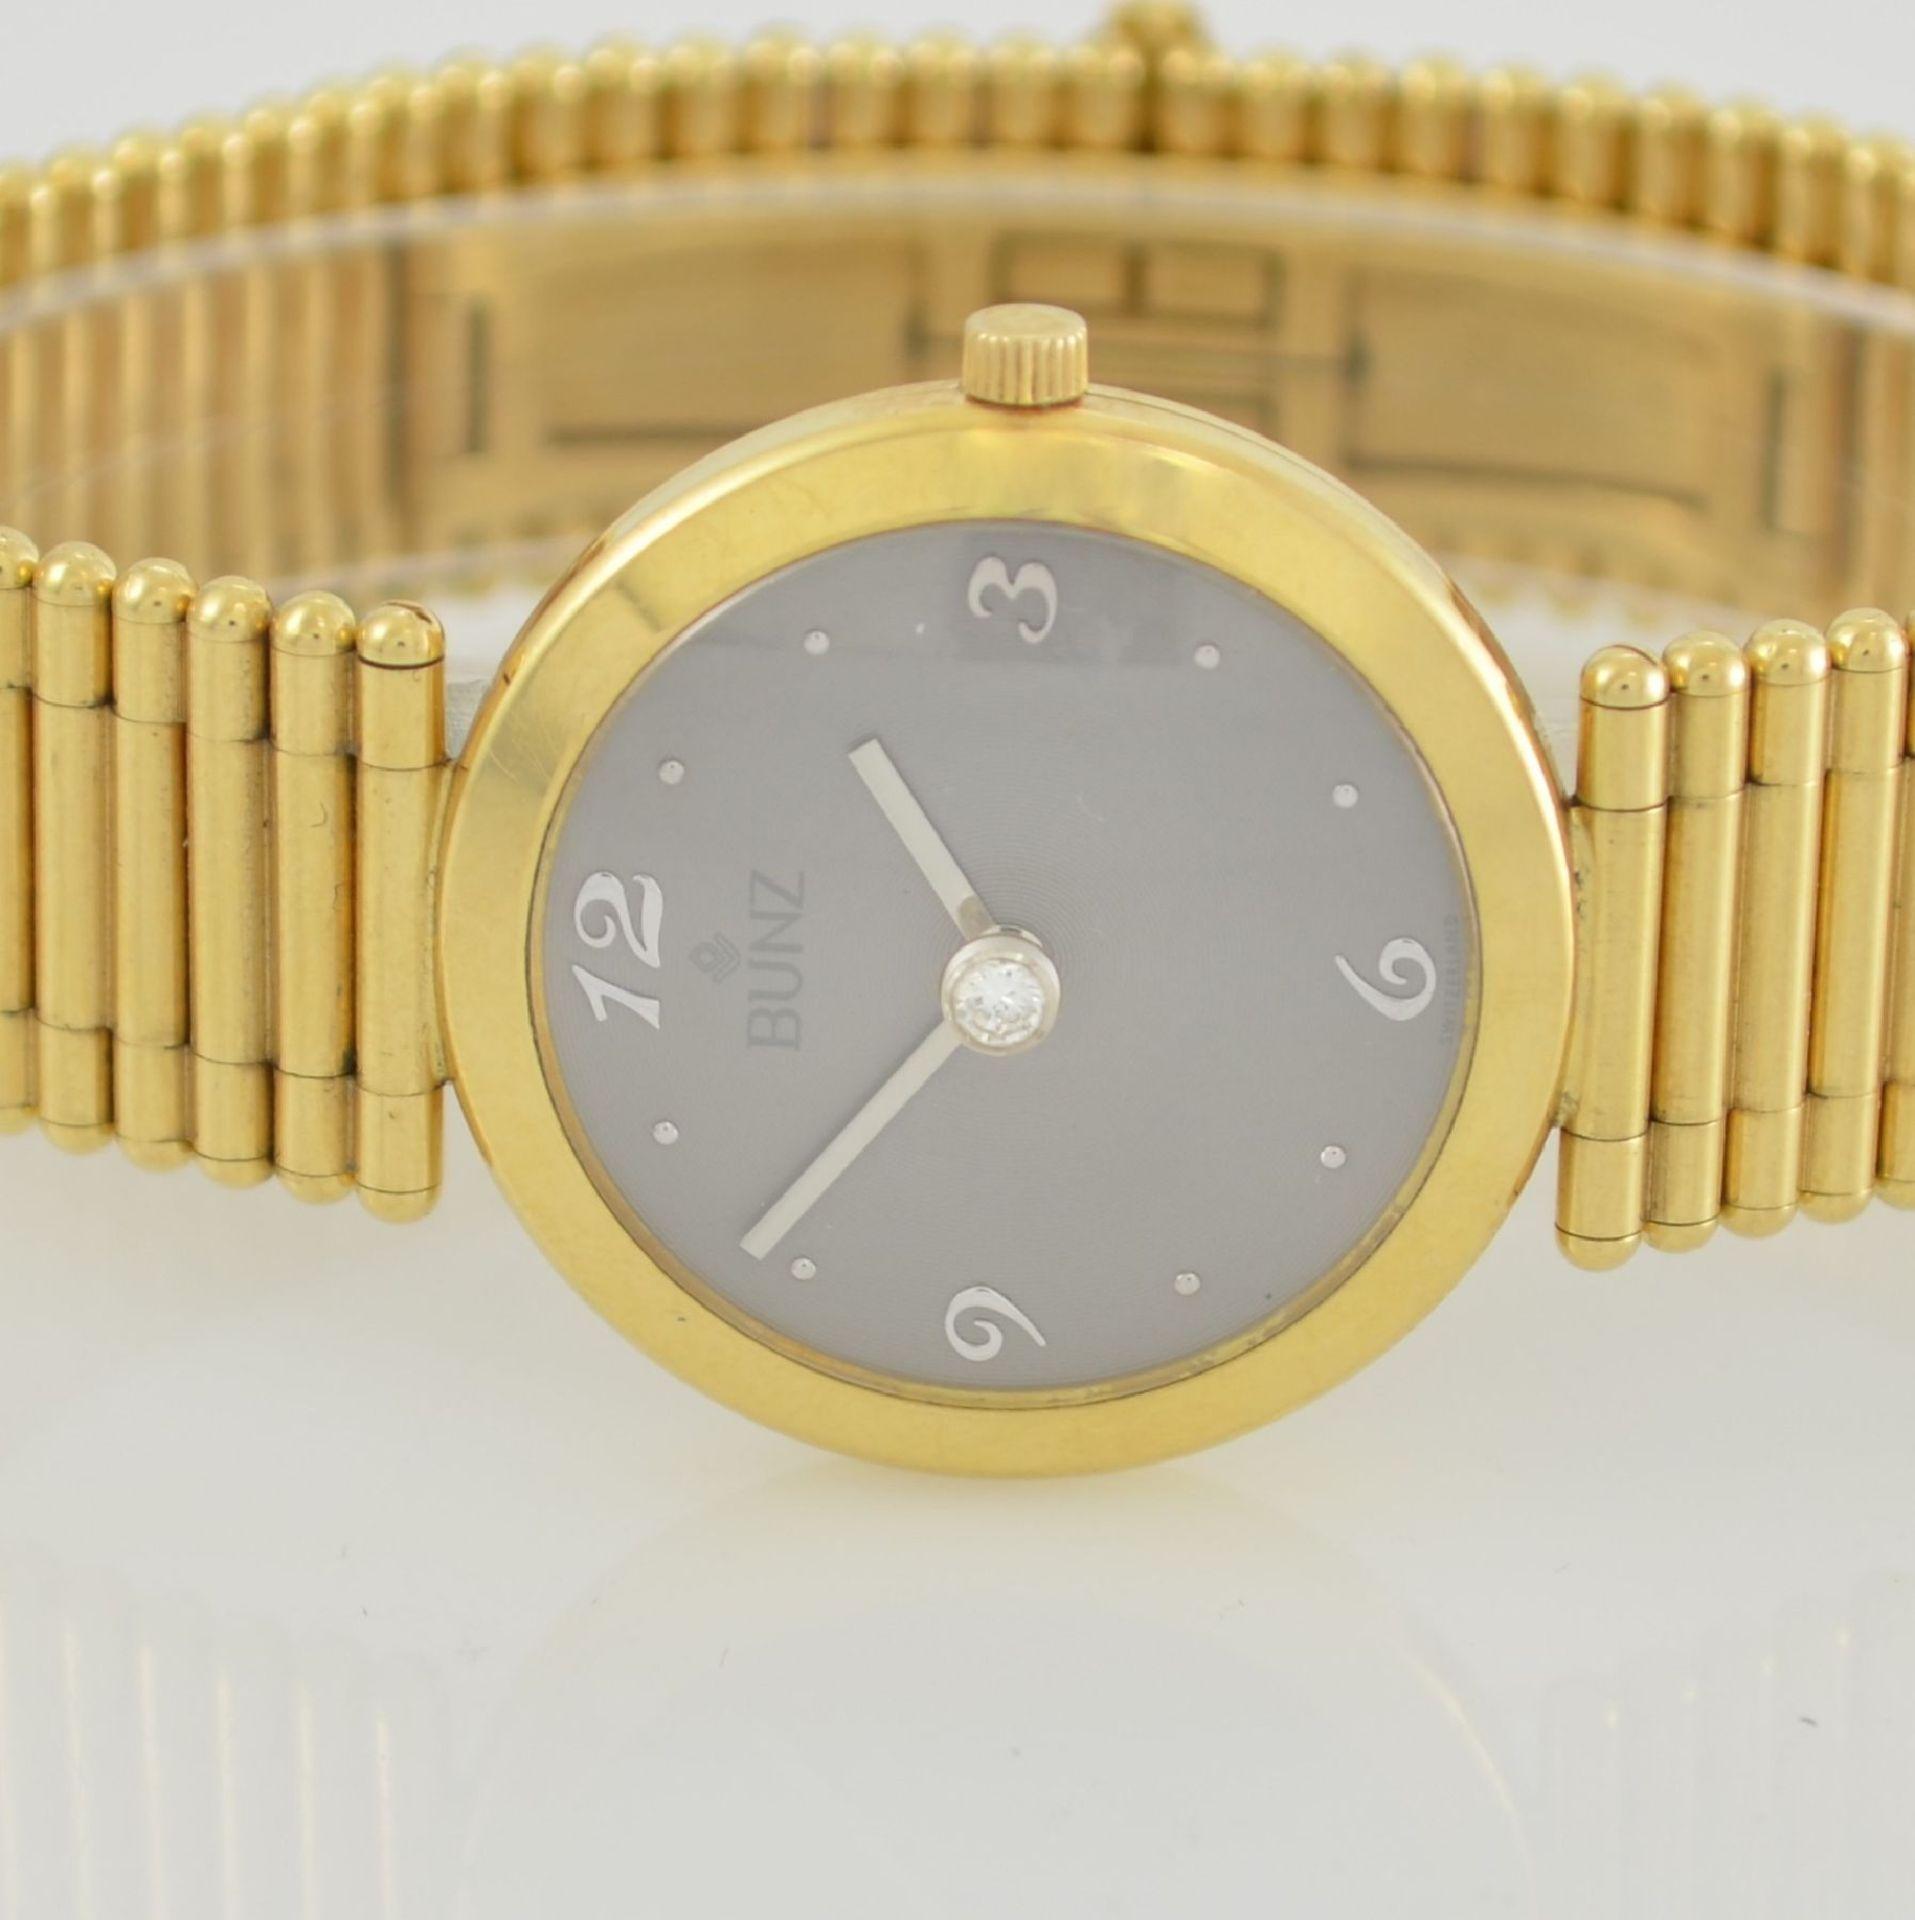 """BUNZ Damenarmbanduhr """"Diamondwatch"""" in GG 750/000, 5-fach verschr. Geh. mit integr. GG 750/000 - Bild 2 aus 9"""